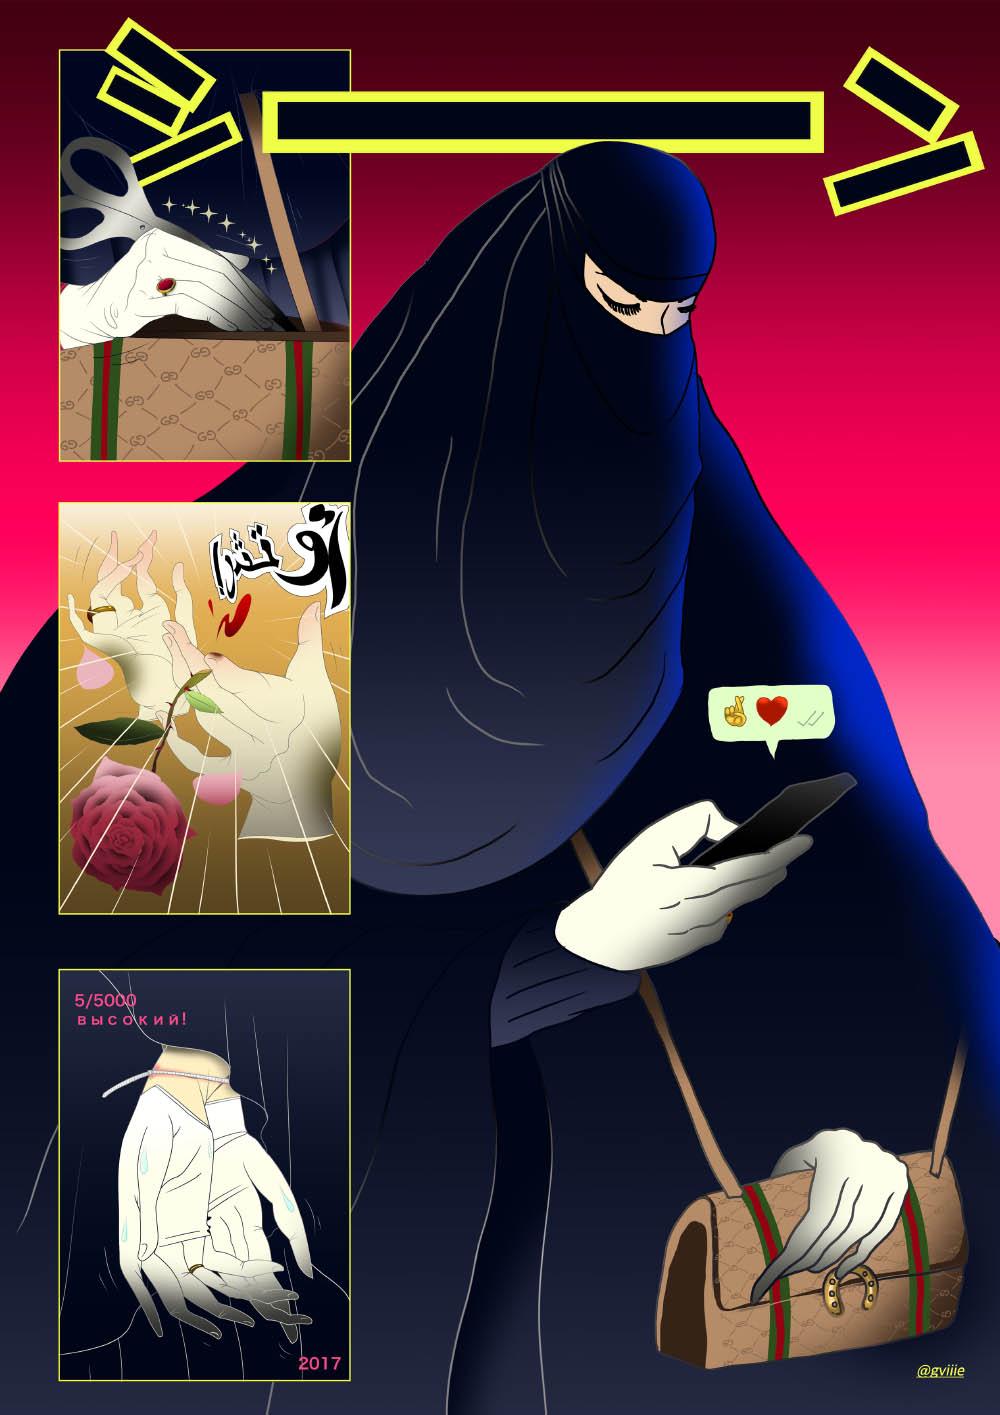 001 A Burka For Love.jpg